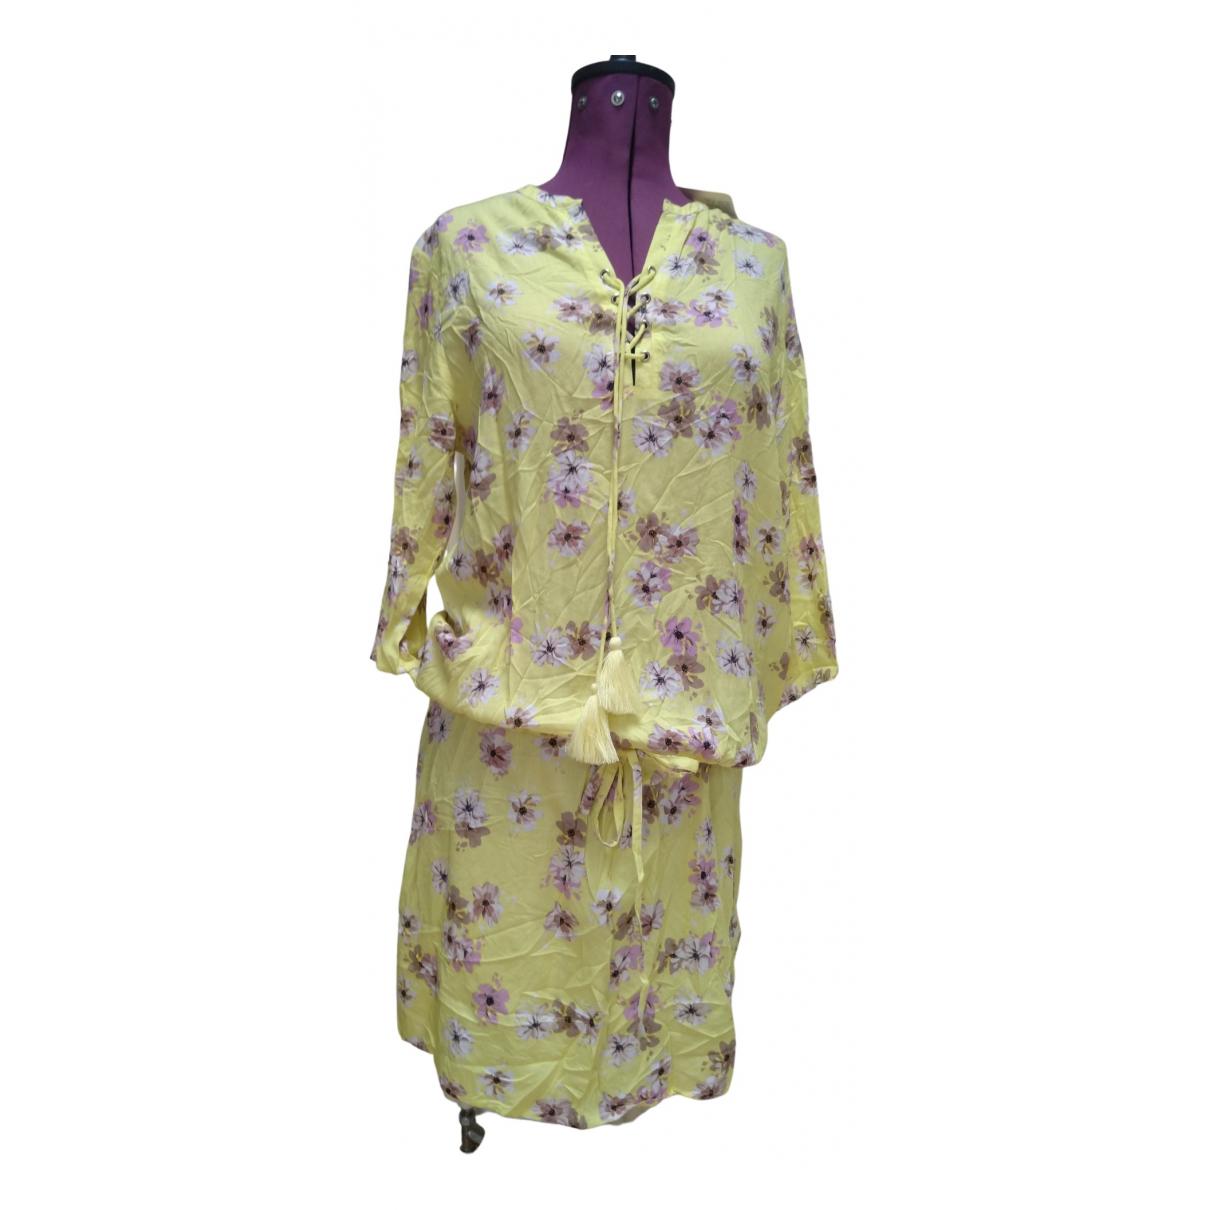 Charlotte Sparre \N Kleid in  Gelb Viskose